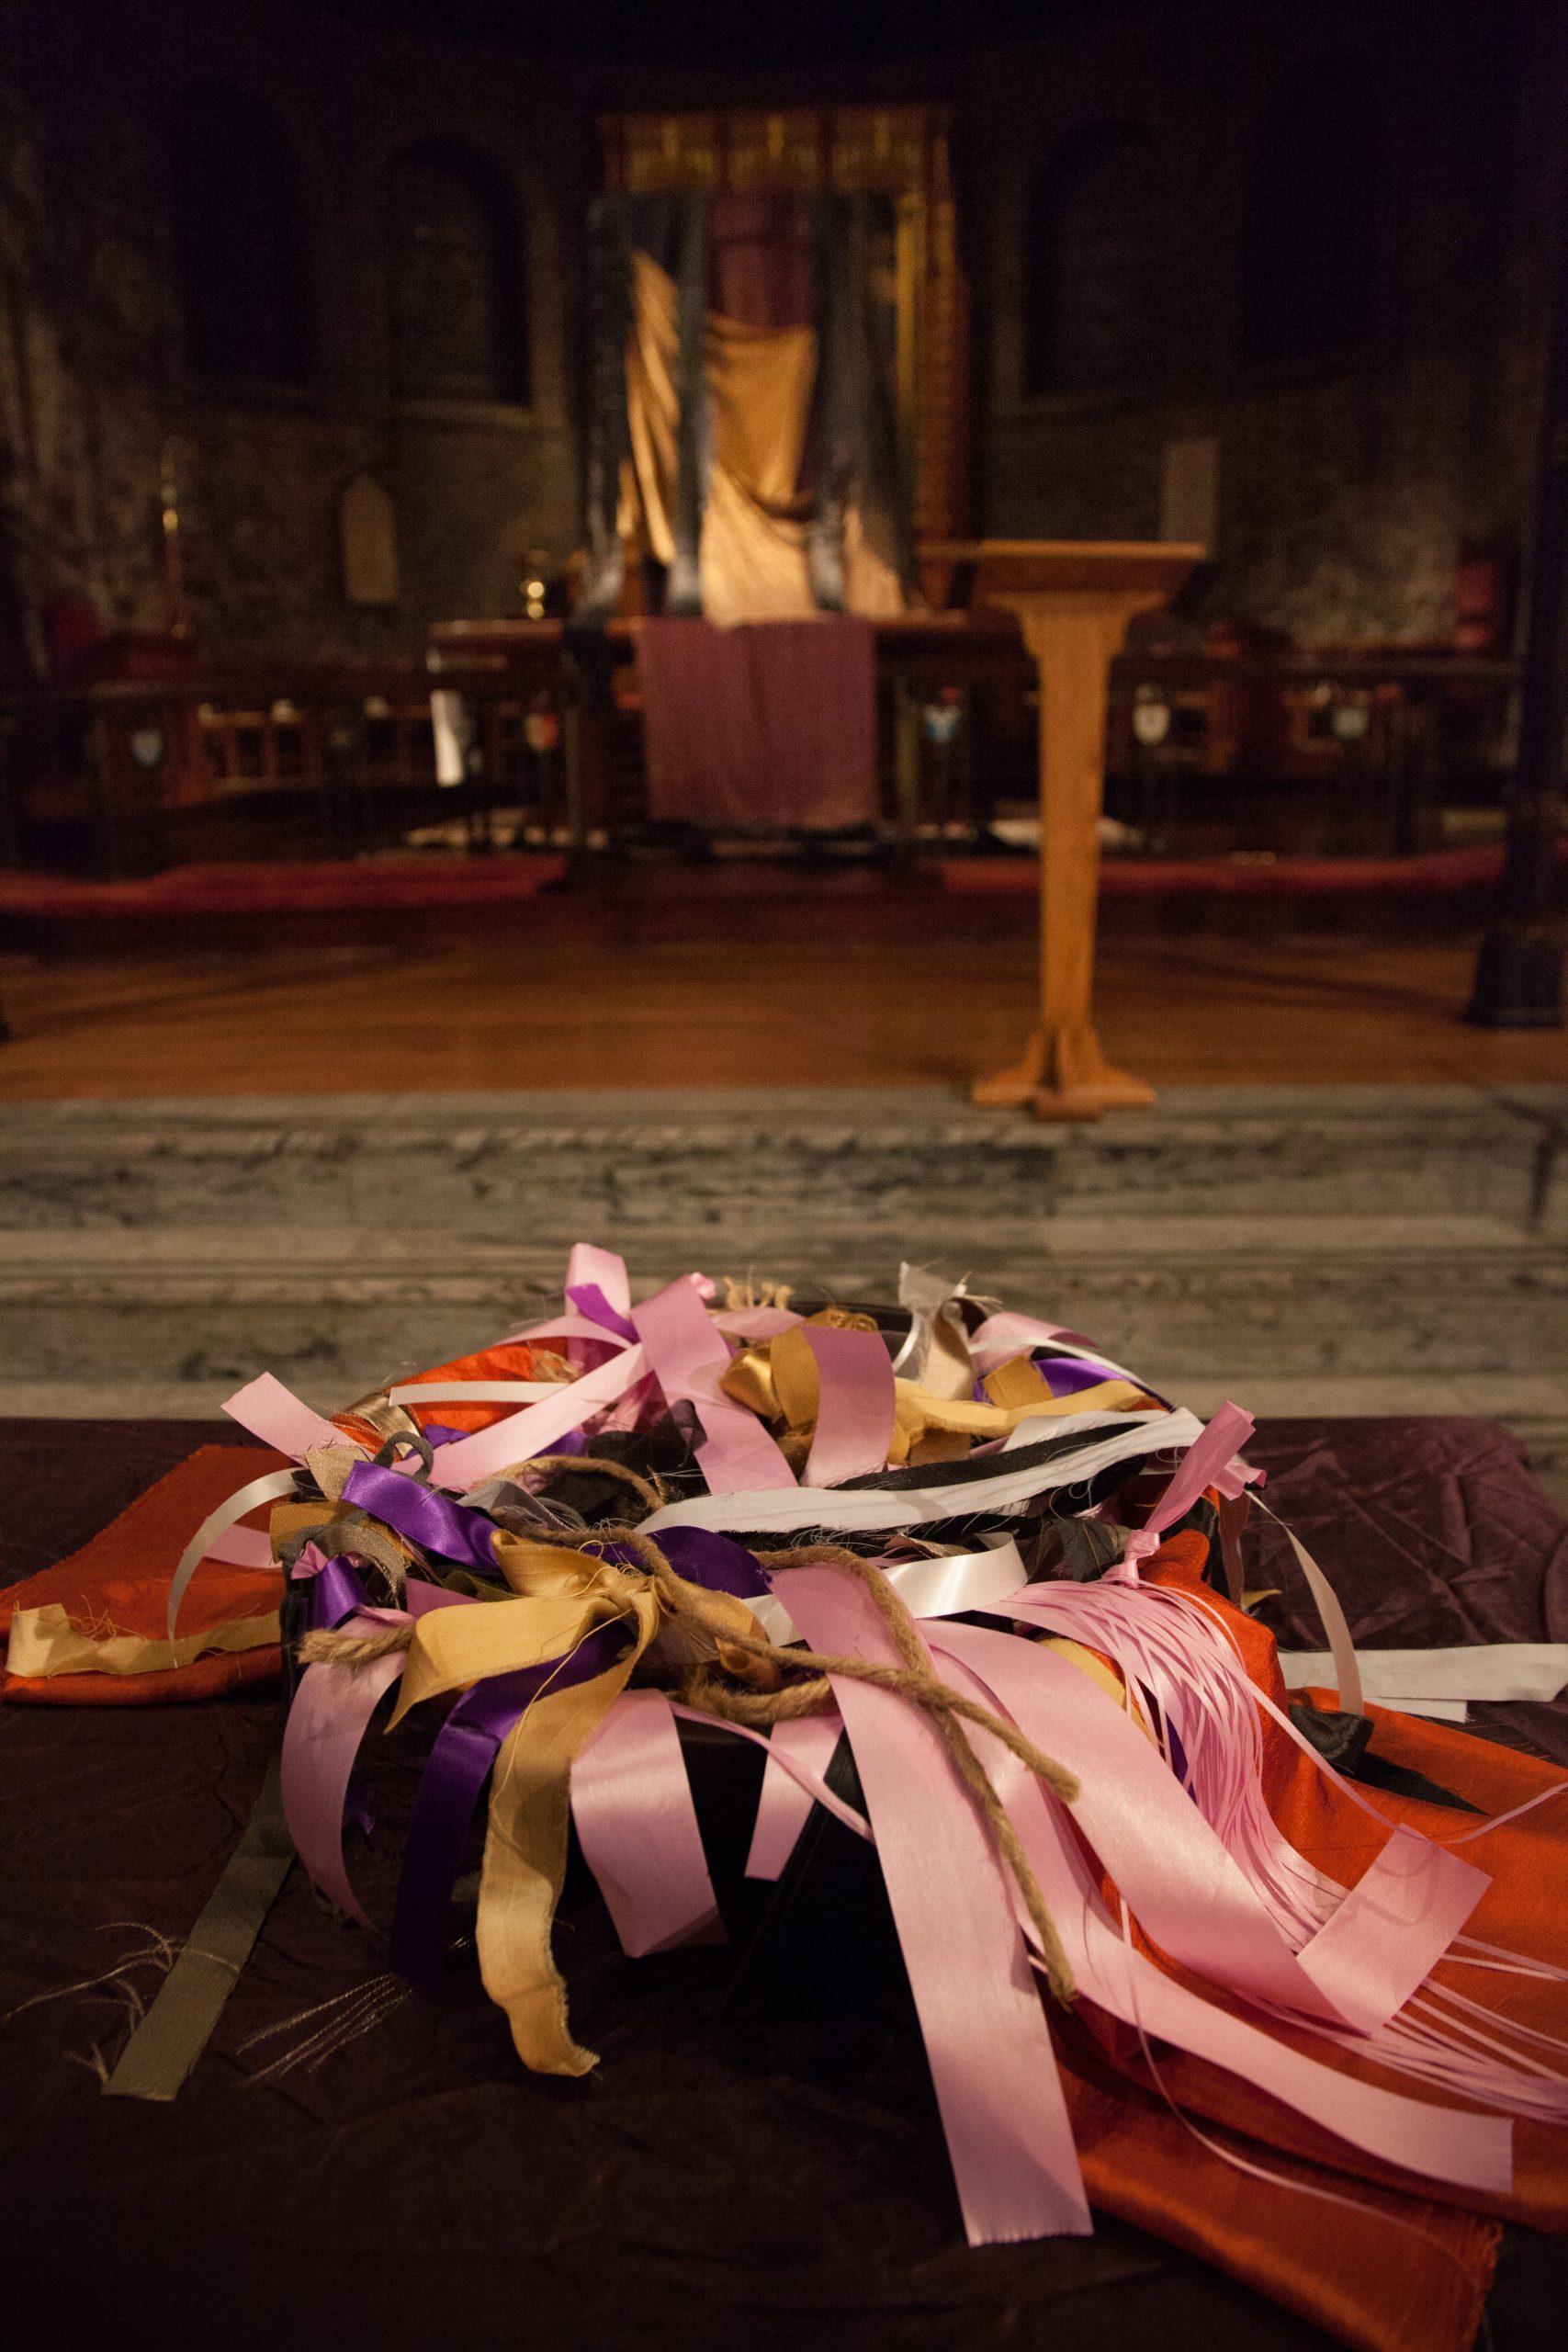 Imagen del Culto de lamento y esperanza, el 3 de Julio del 2015 en la convención bienal de la Iglesia Menonita de EE. UU.